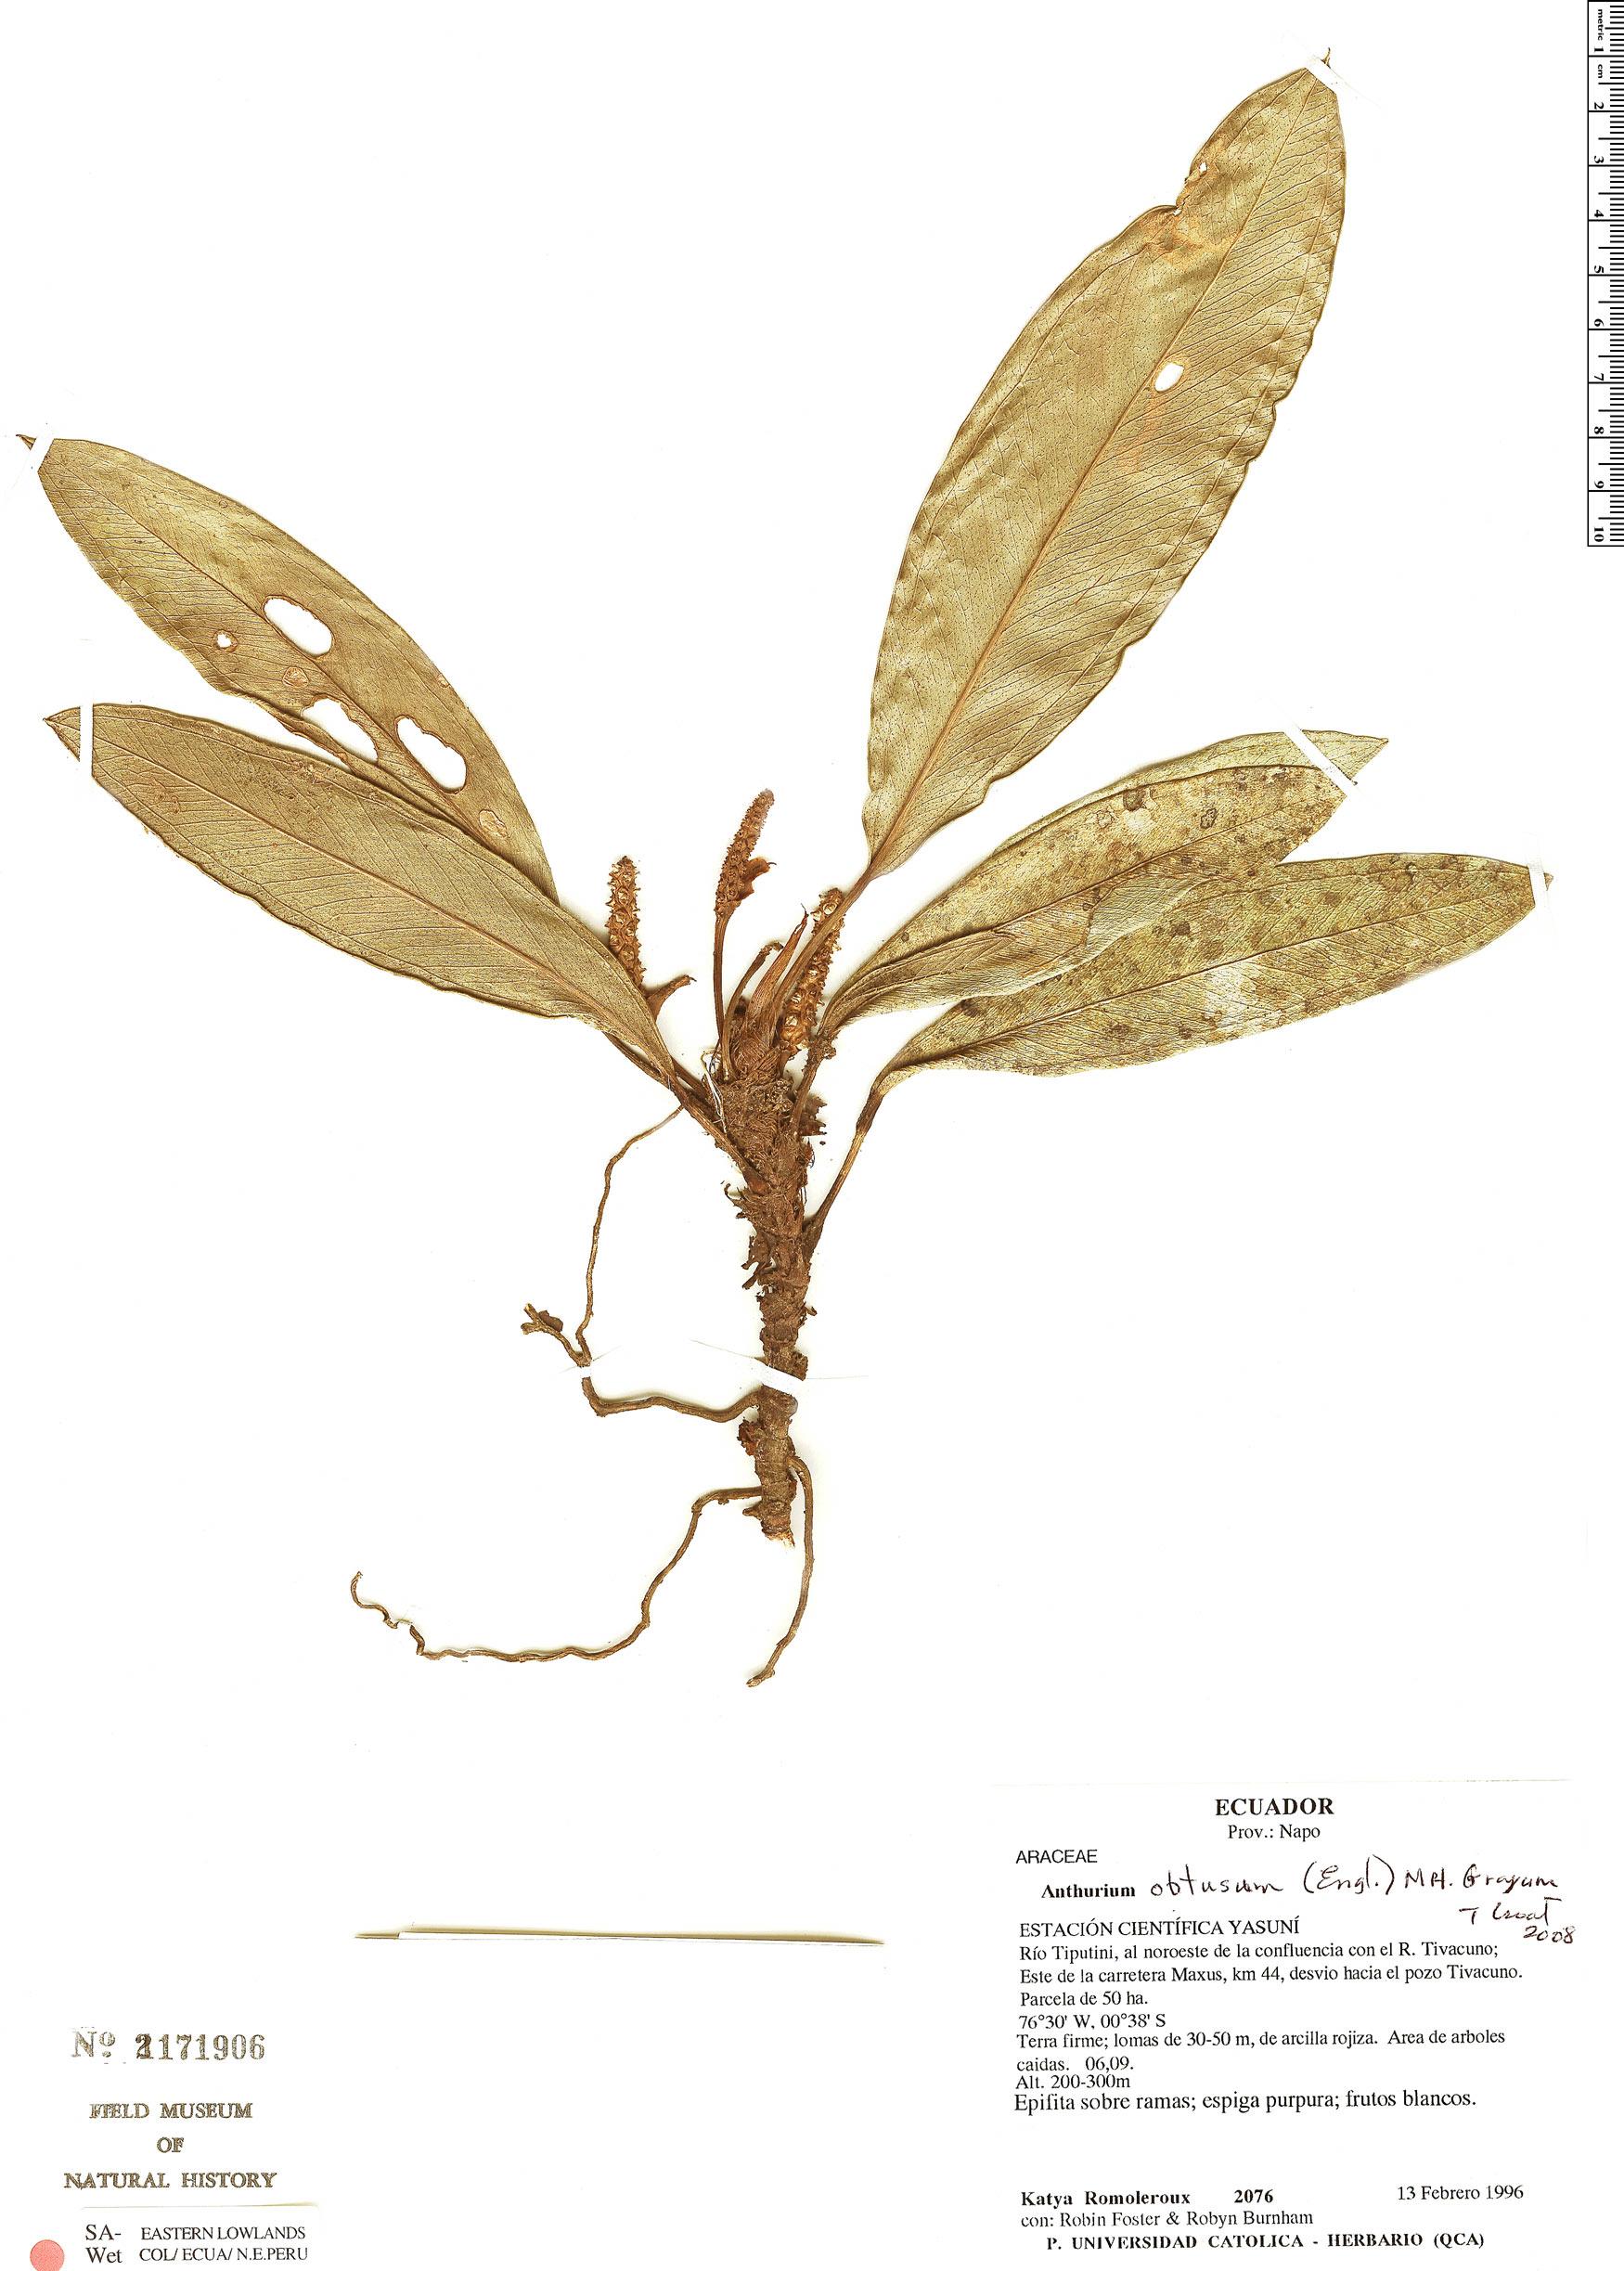 Specimen: Anthurium obtusum